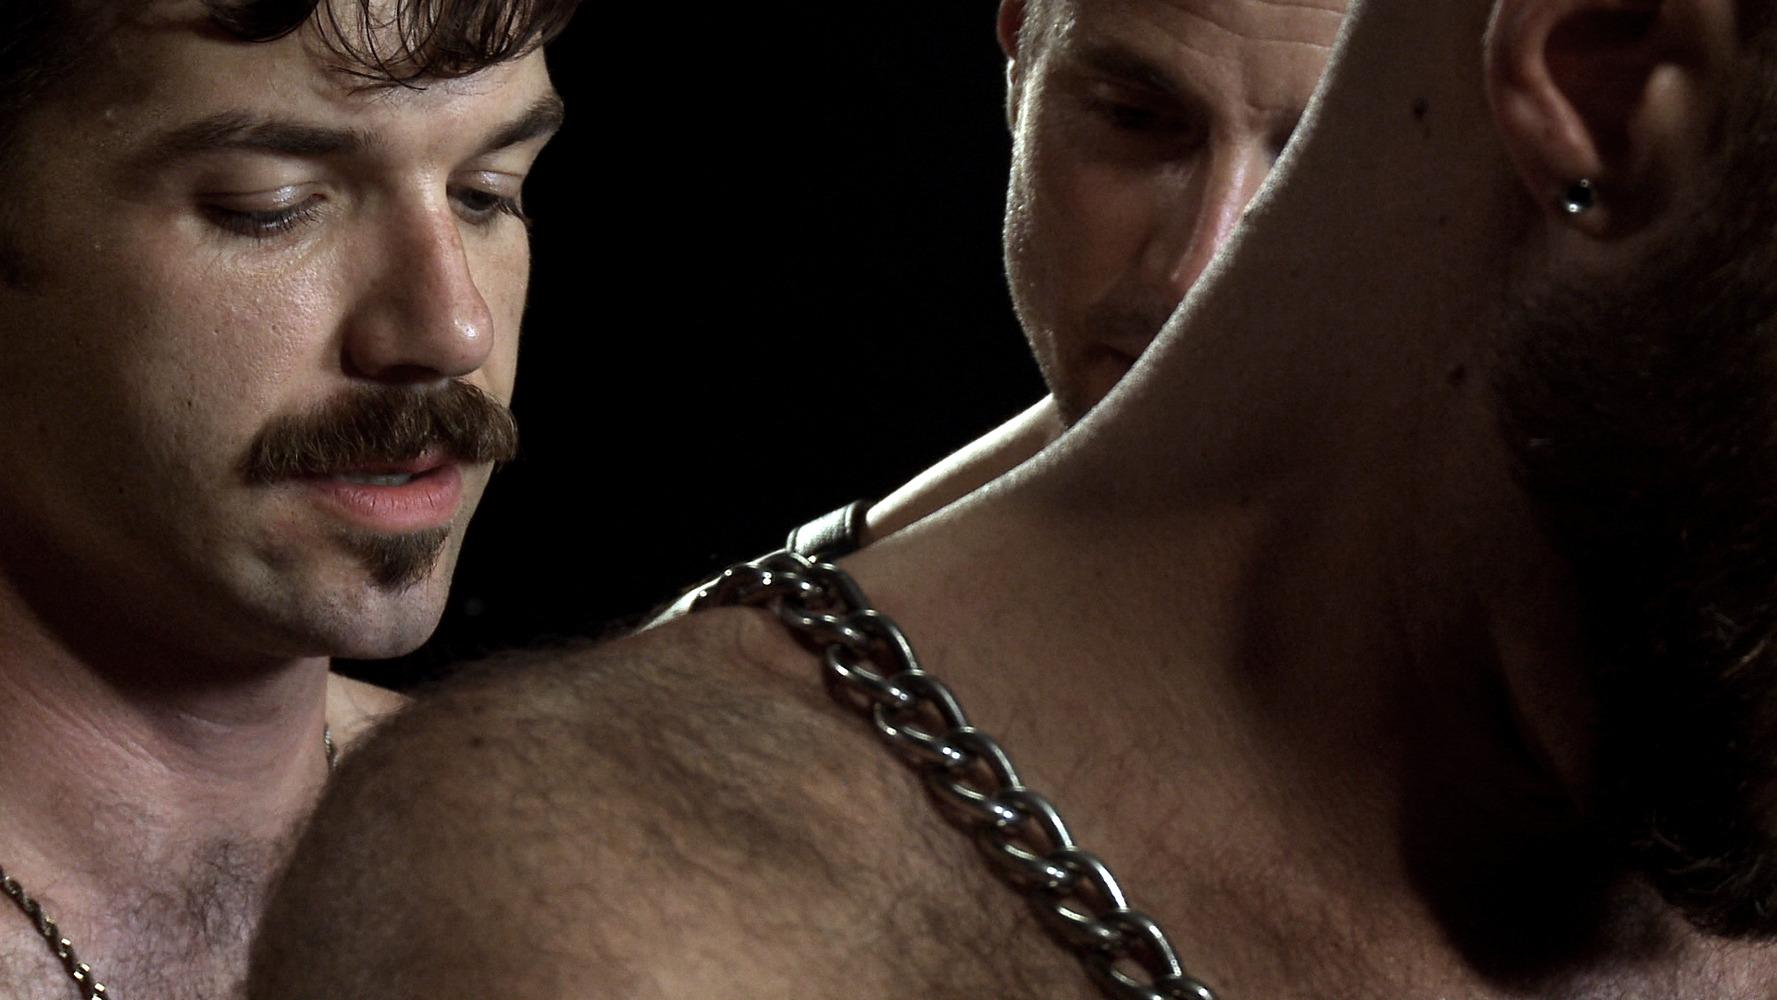 Смотреть онлайн садо мазо над рабами, Садо Мазо - женское доминирование русские Mom 10 фотография